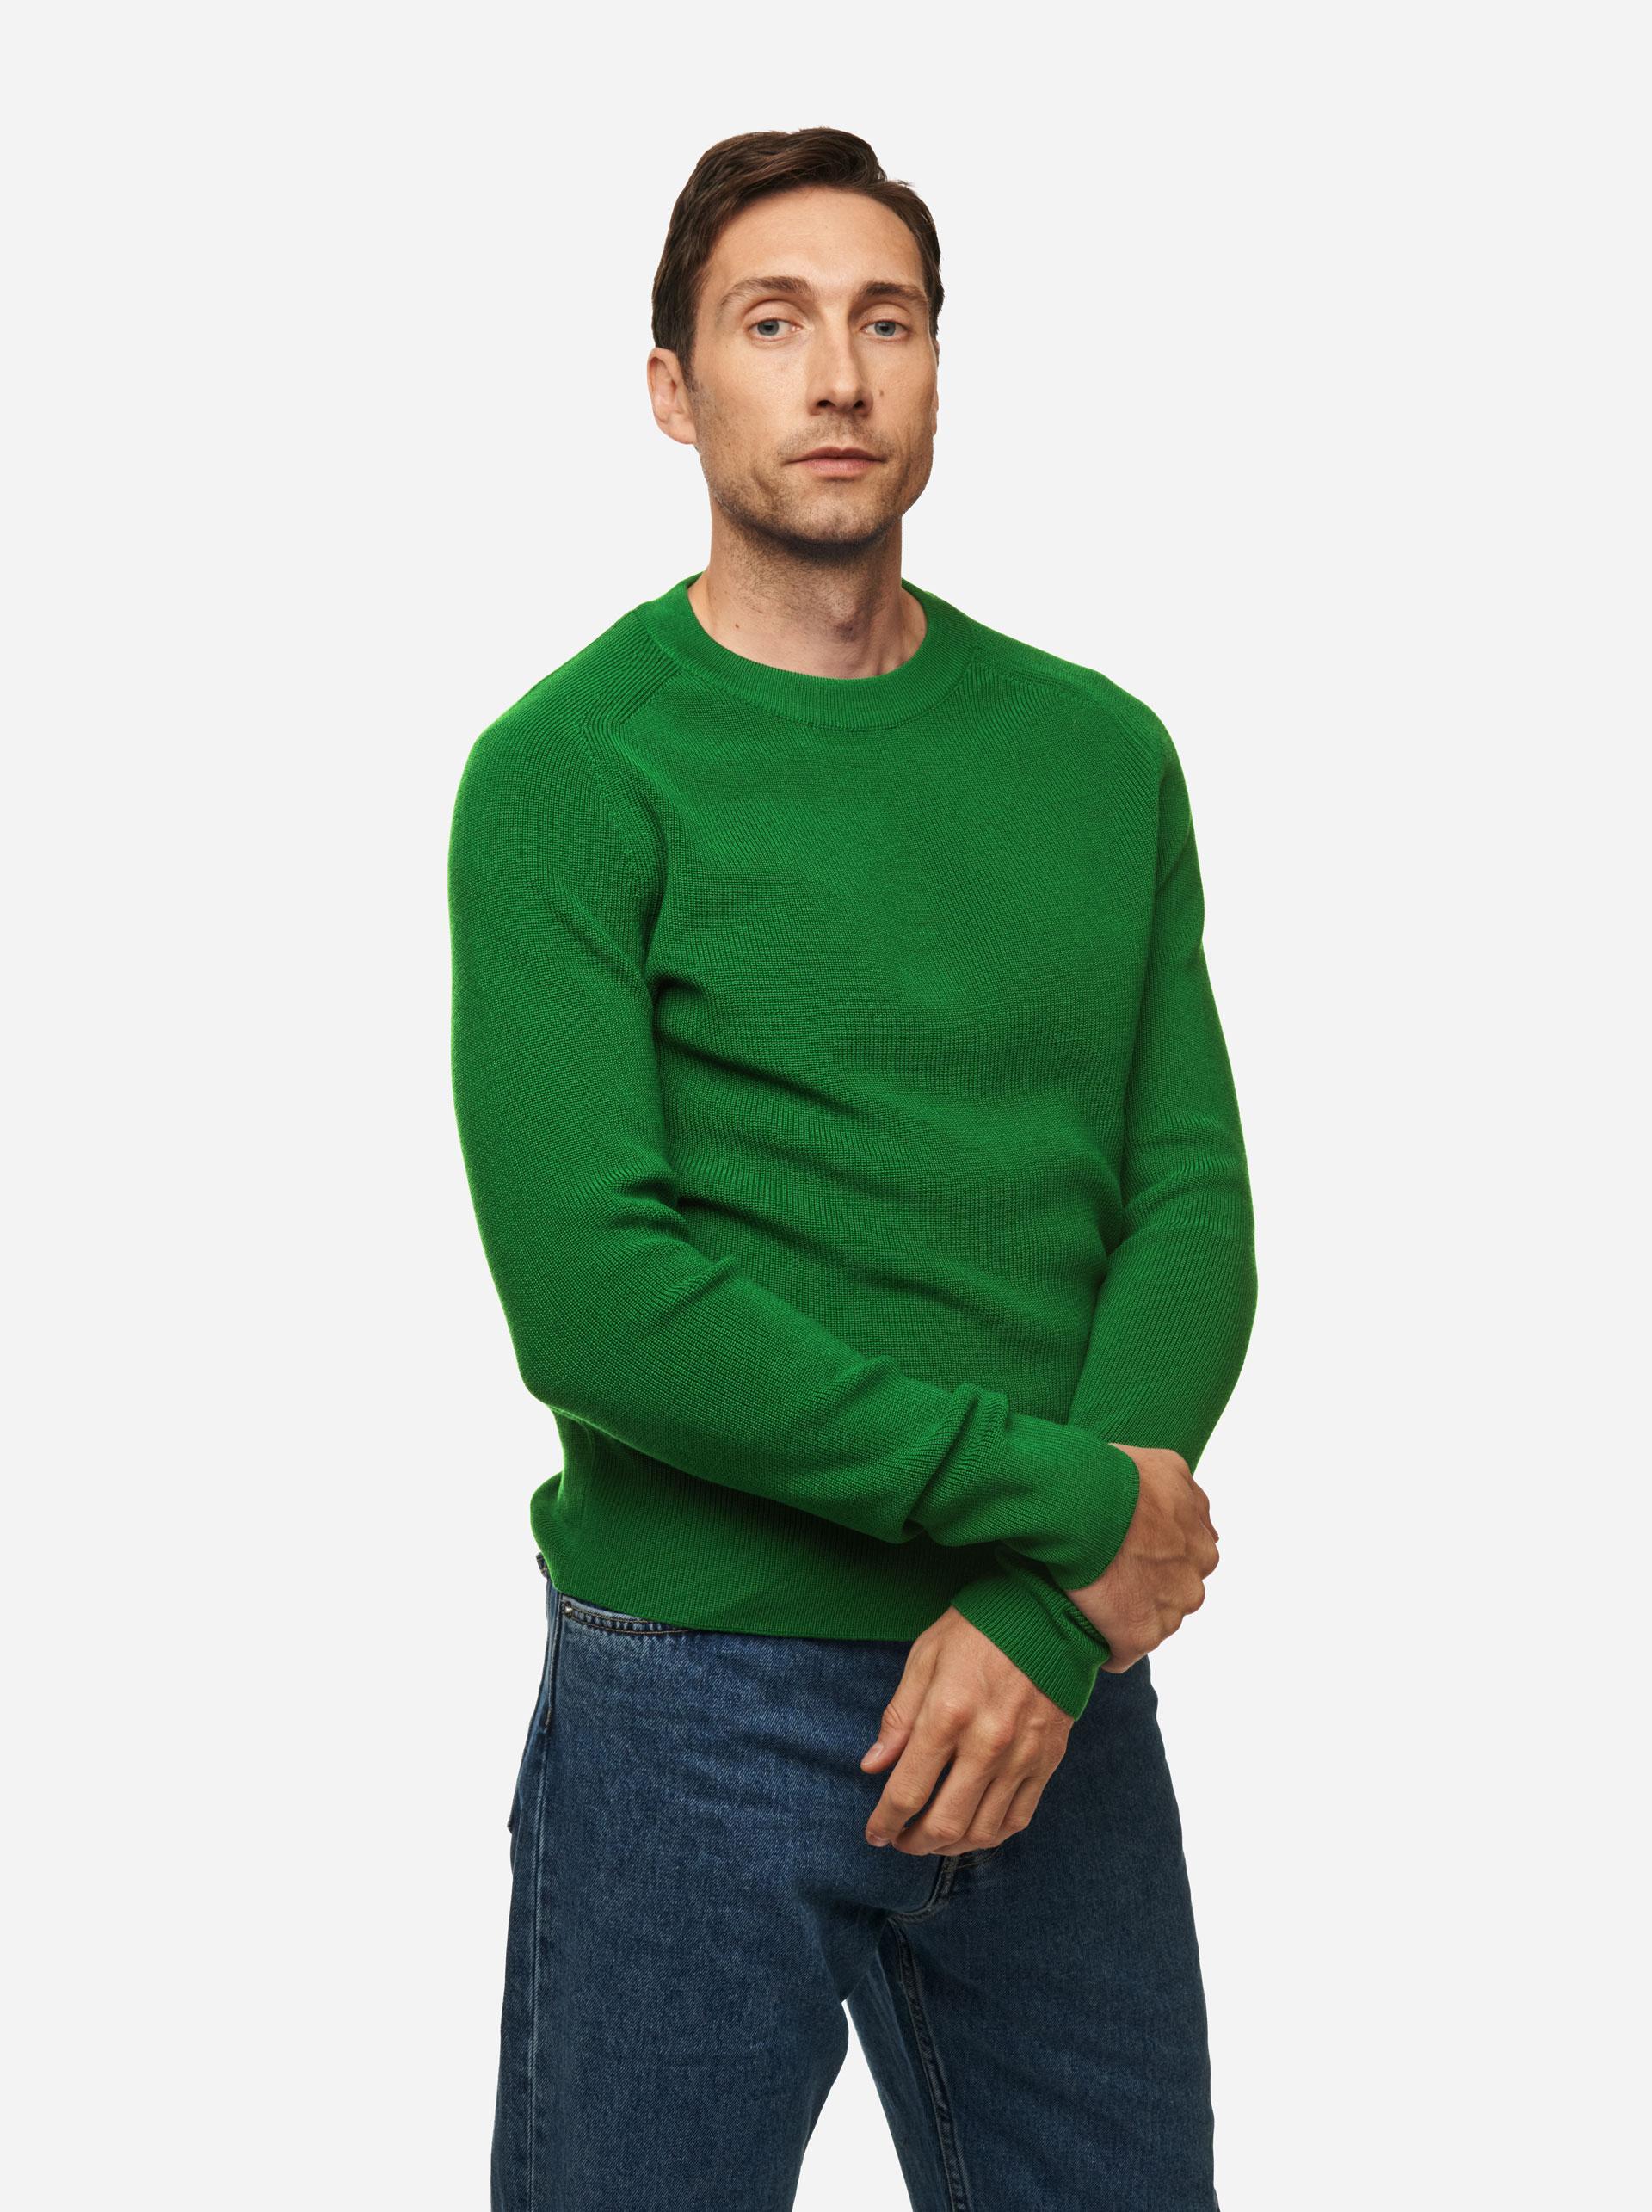 Teym - The Merino Sweater - Men - Bright Green - 3